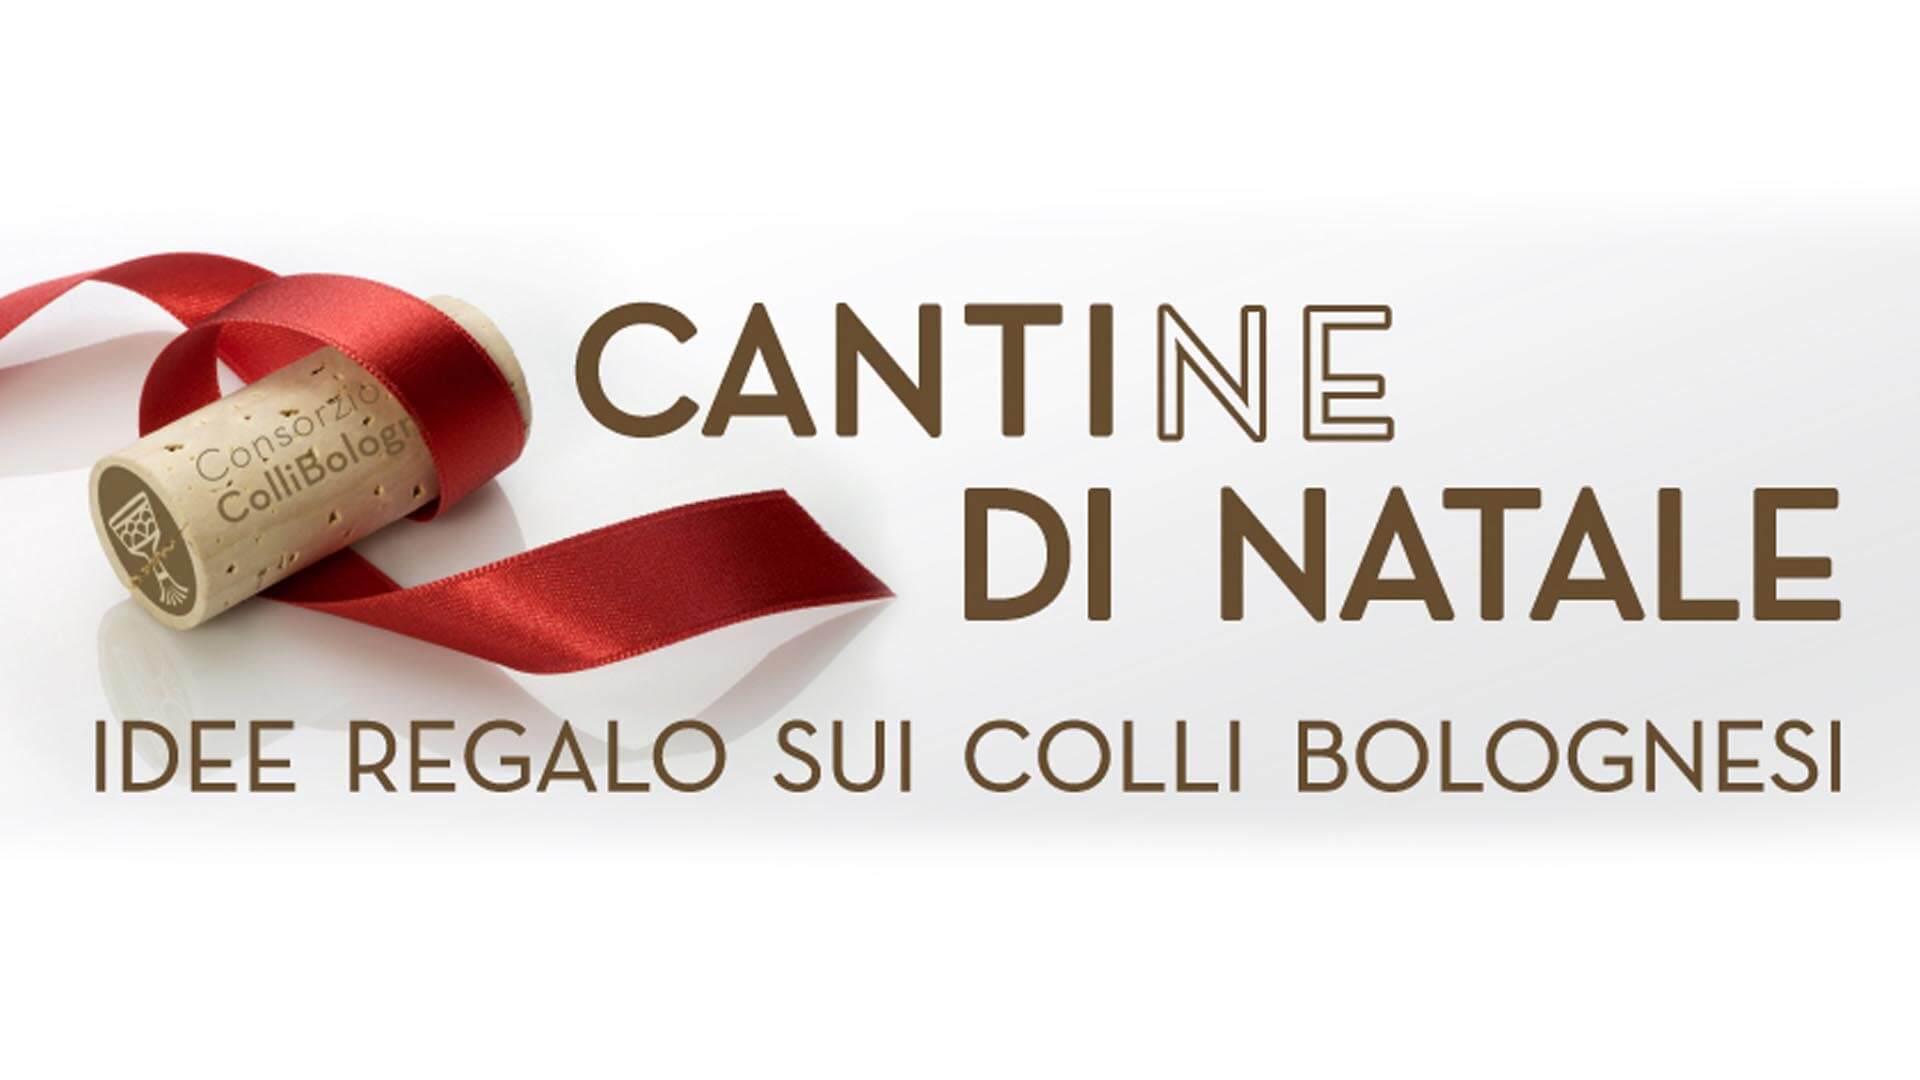 proposte natalizie Catine Gaggioli